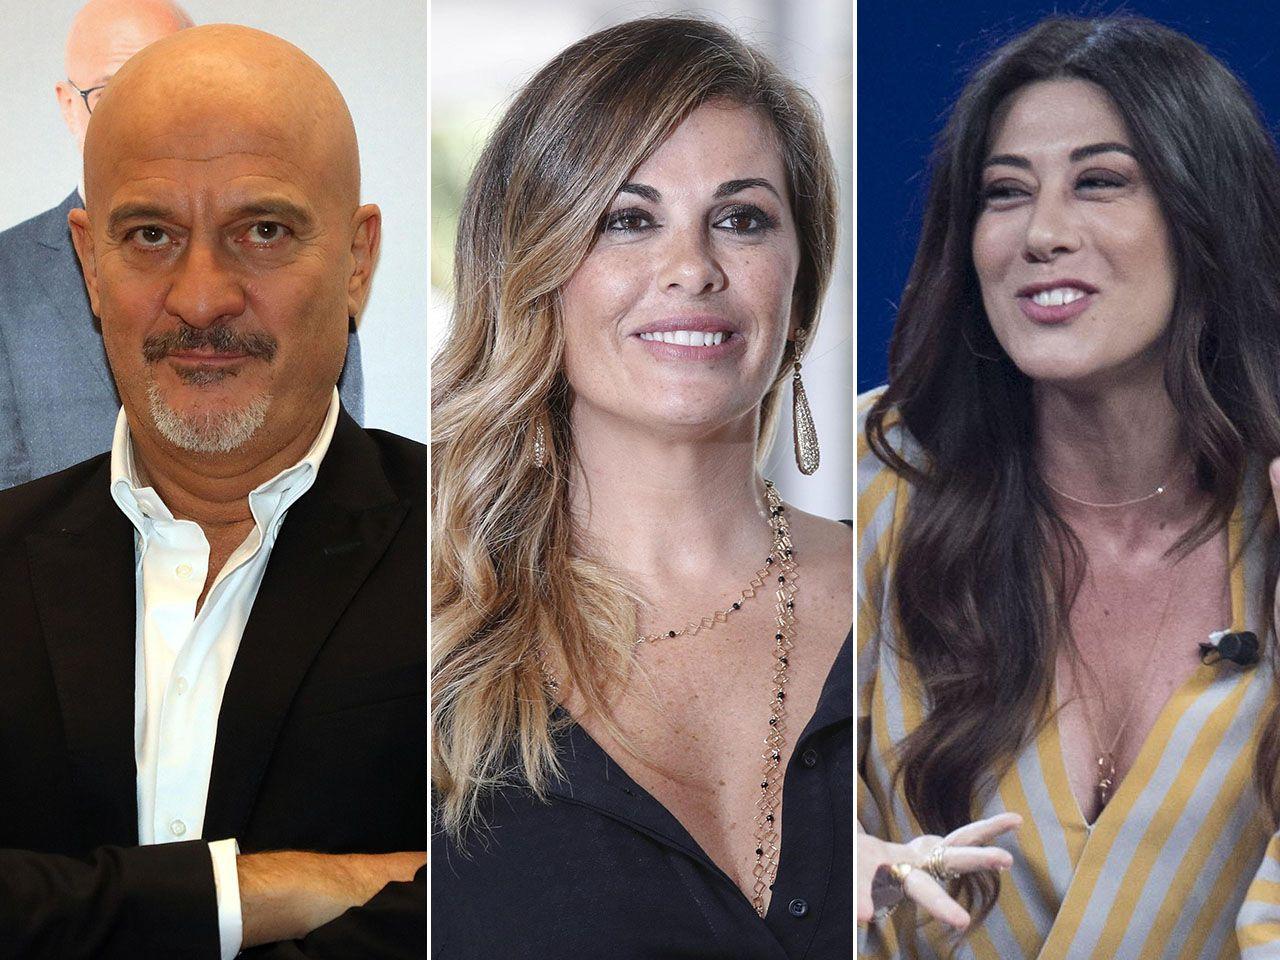 Sanremo 2019: conduzione a tre con Claudio Bisio, Vanessa Incontrada e Virginia Raffaele?